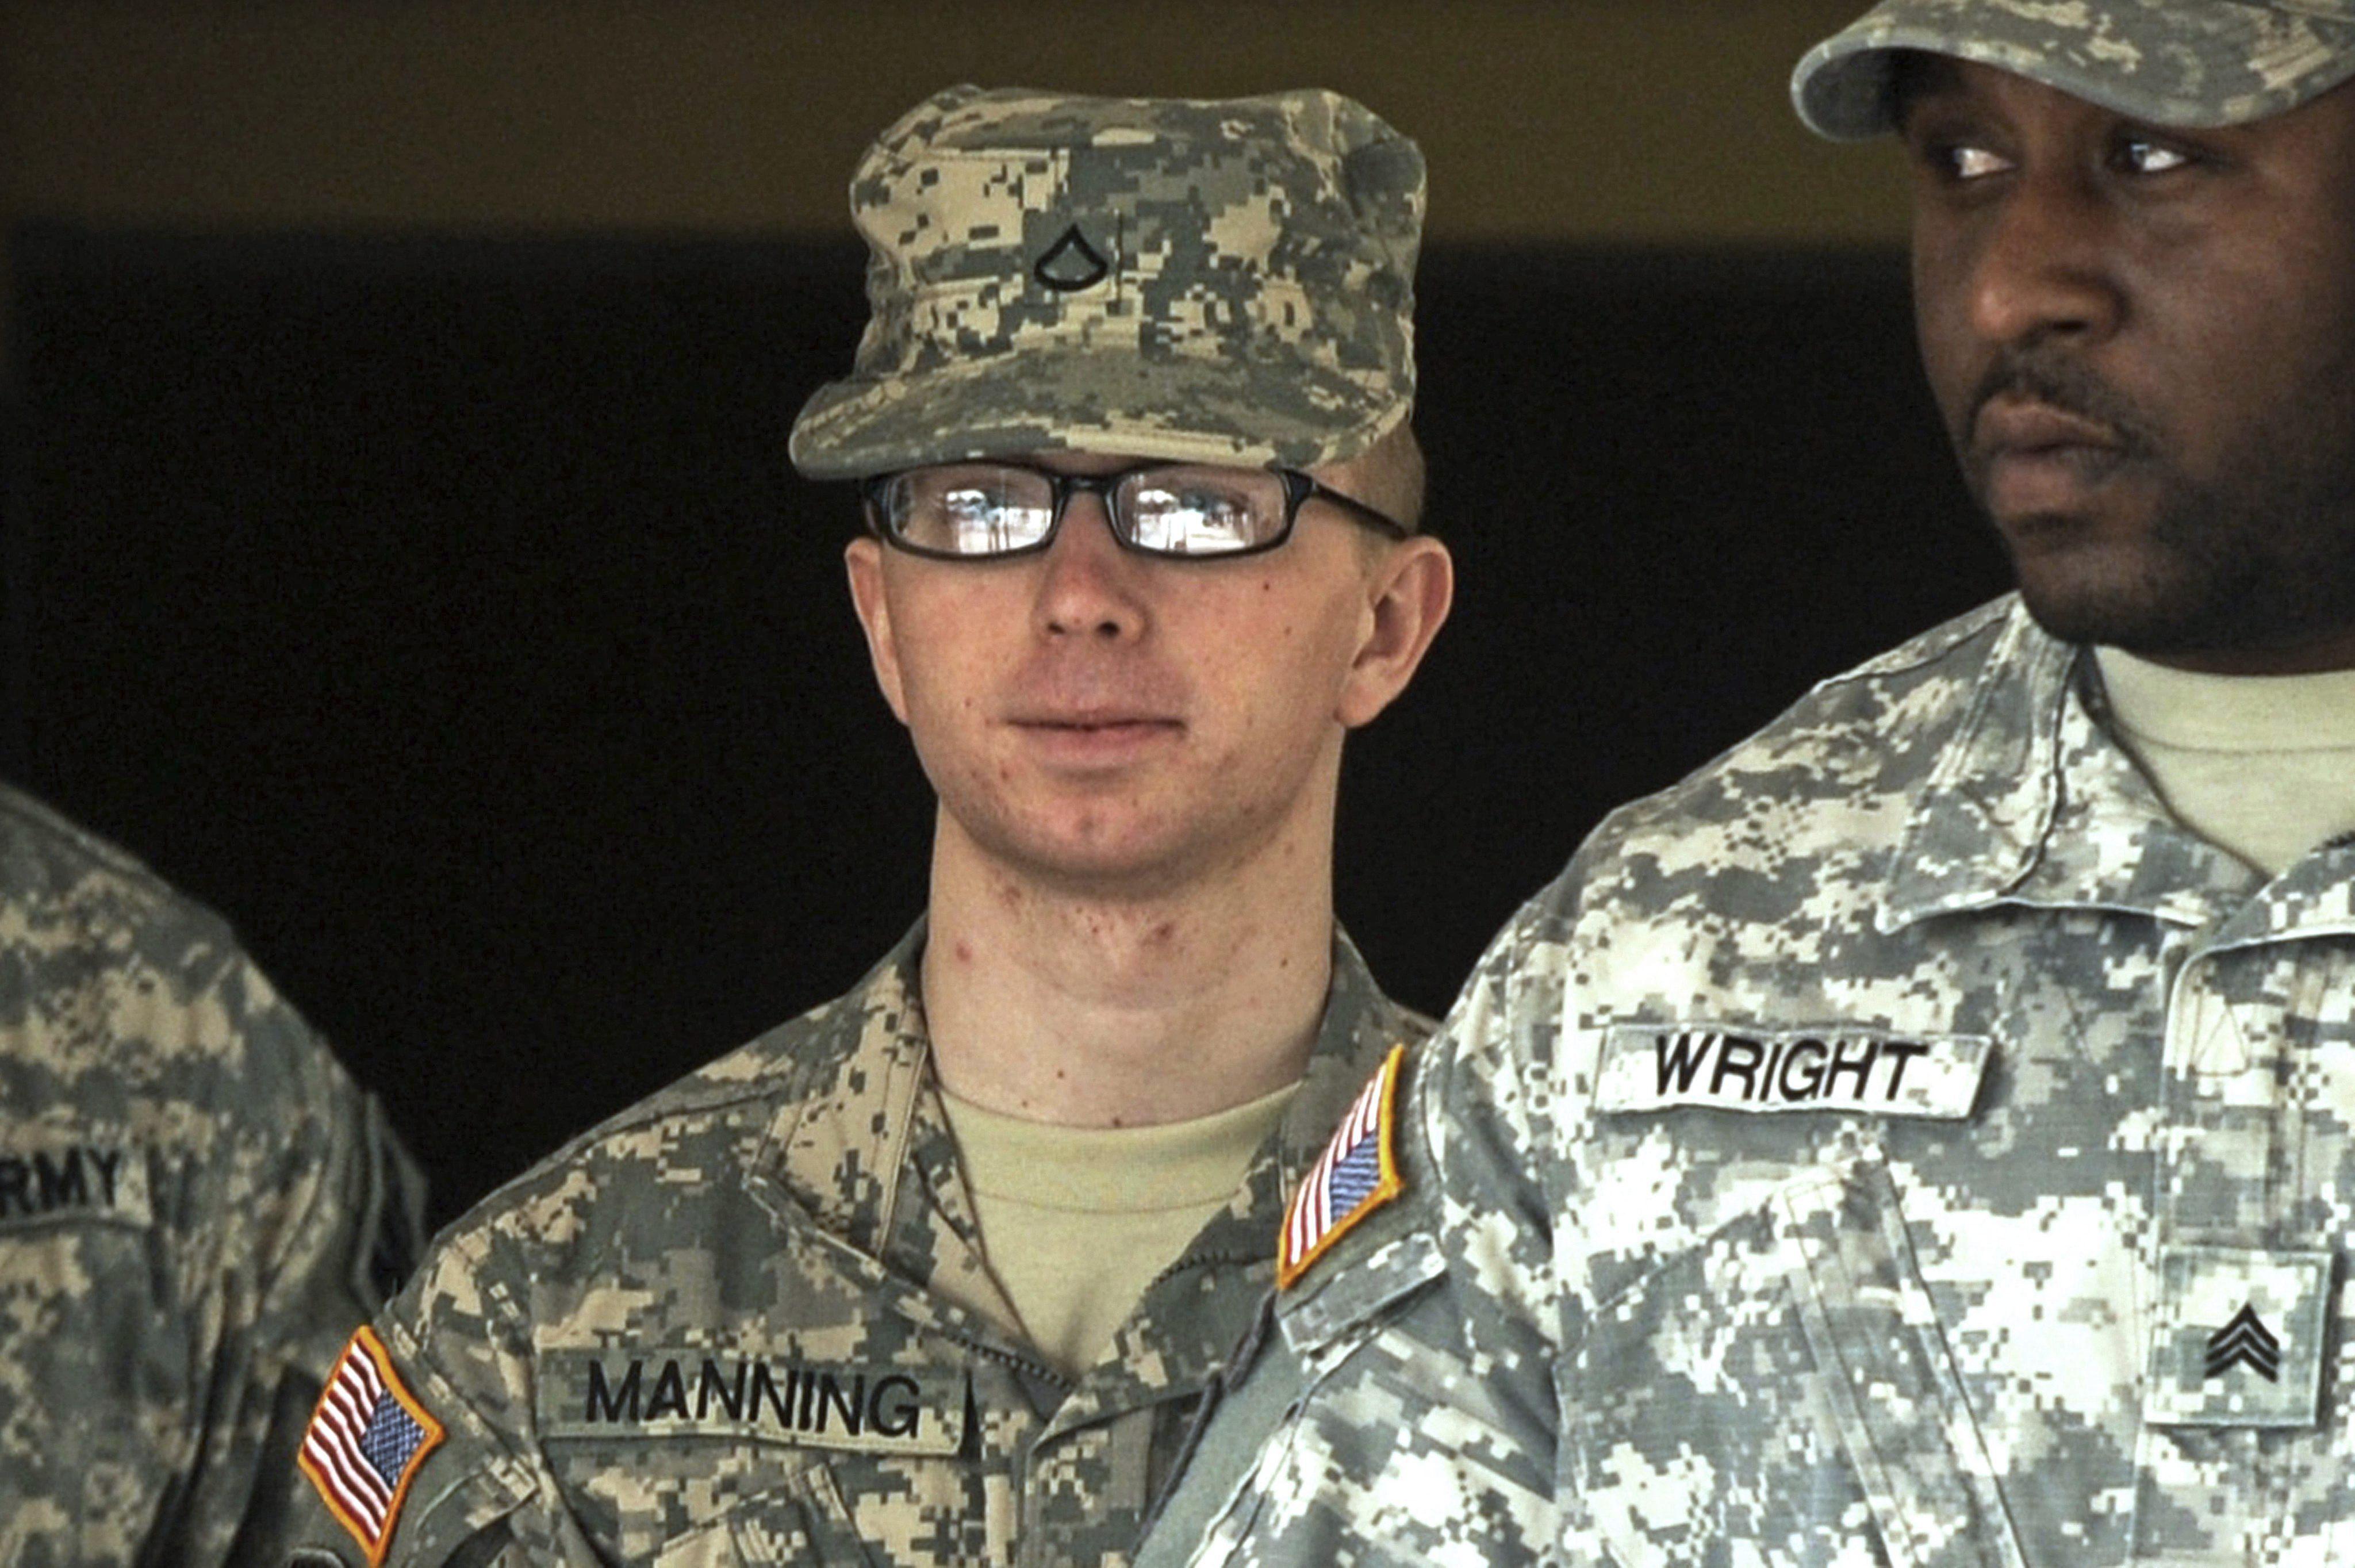 Comienza el juicio contra Bradley Manning, acusado de la filtración a Wikileaks